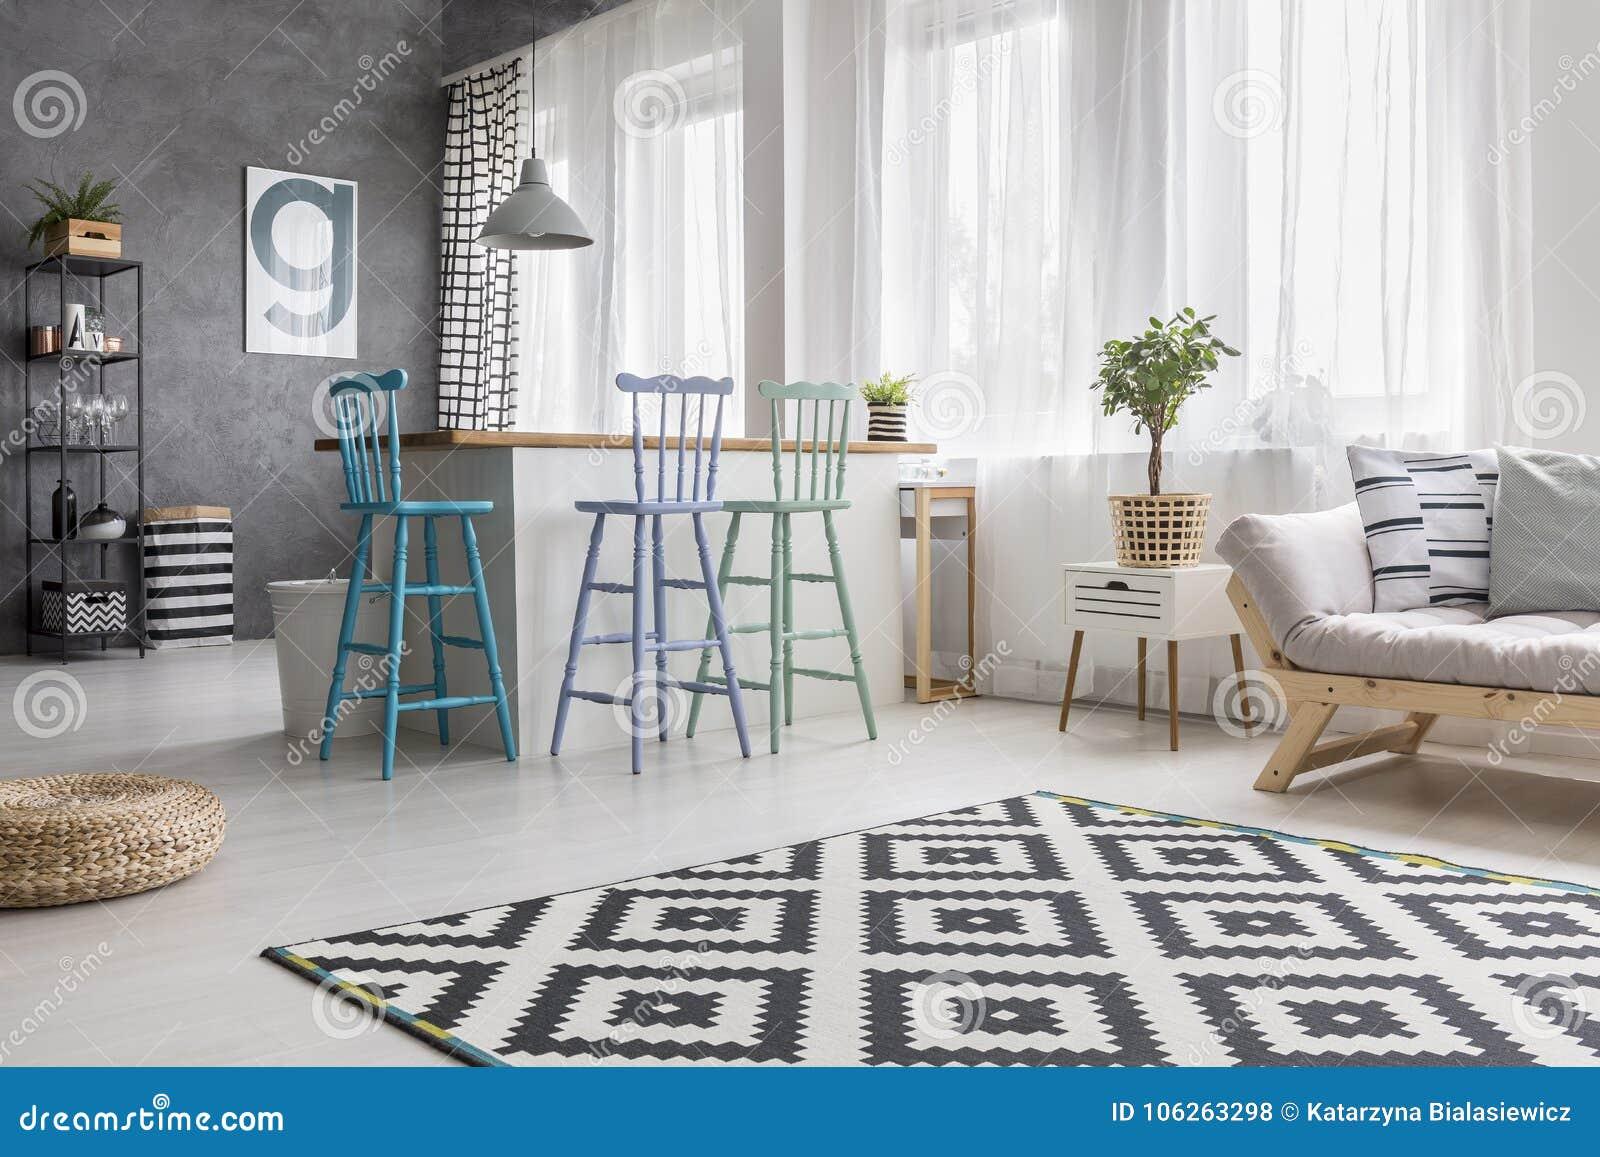 Tapijt In Woonkamer : Geometrisch tapijt in woonkamer stock foto afbeelding bestaande